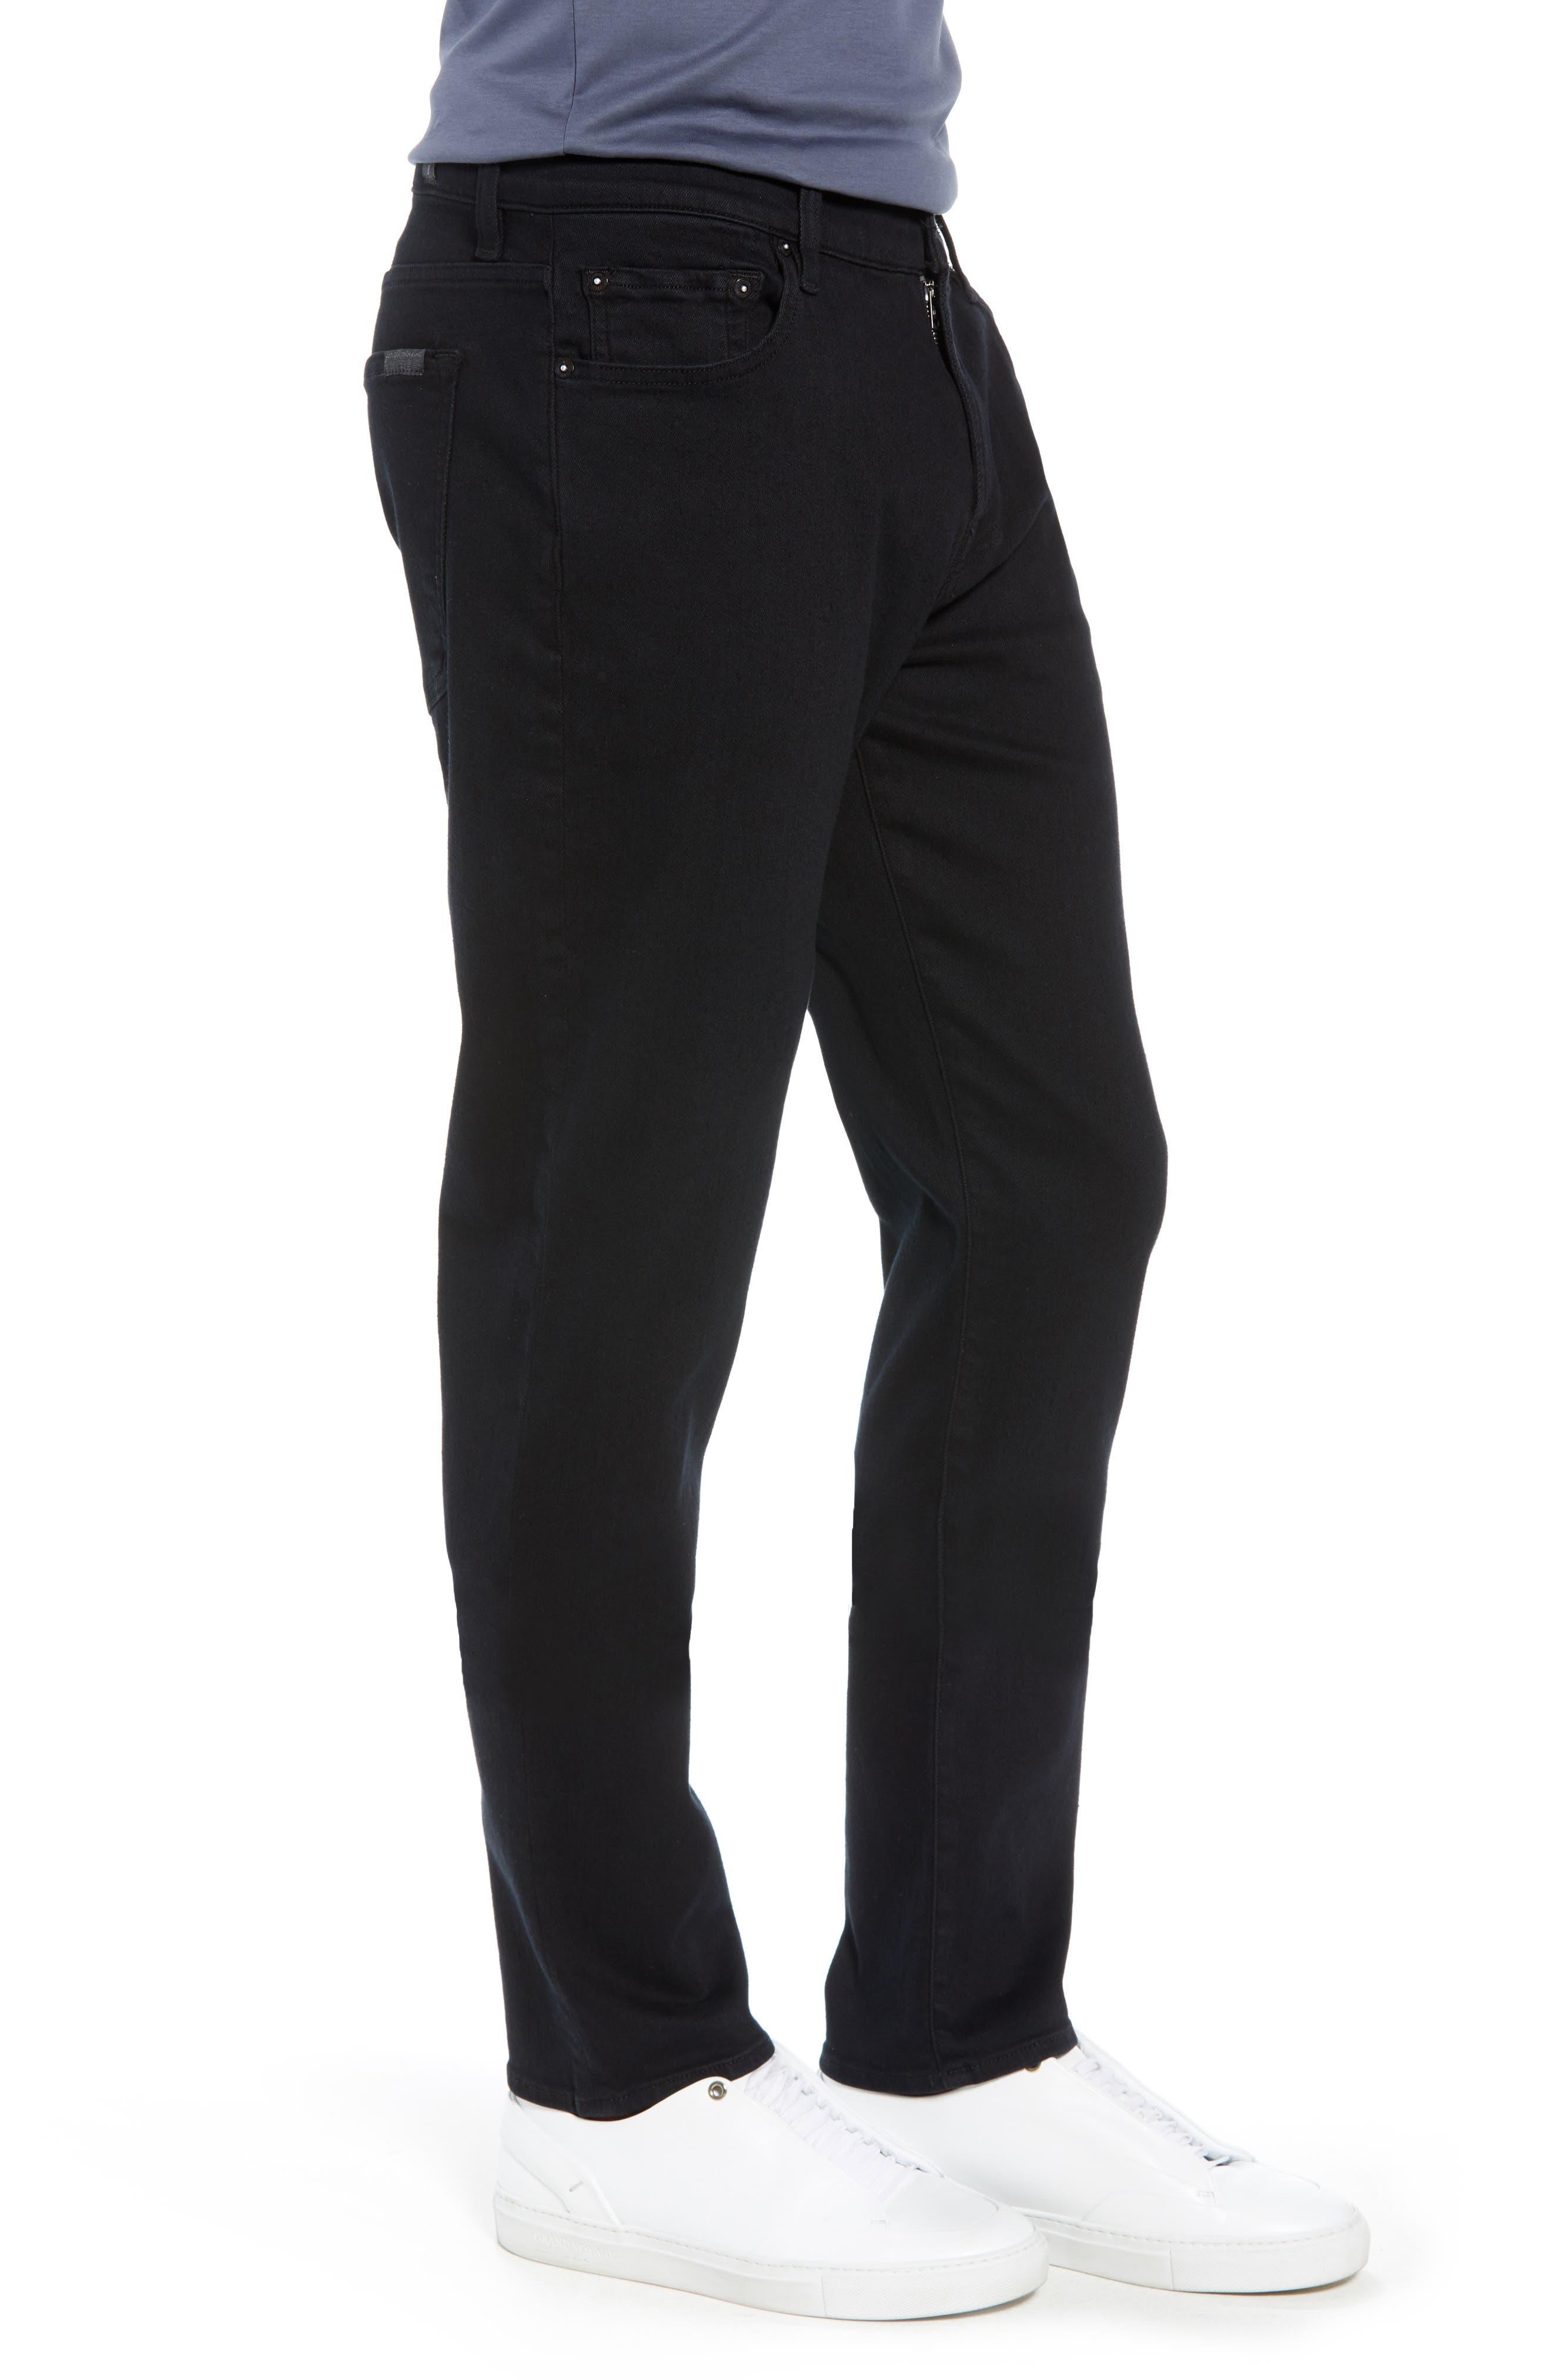 Adrien Slim Fit Straight Leg Jeans,                             Alternate thumbnail 3, color,                             AUTHENTIC BLACK